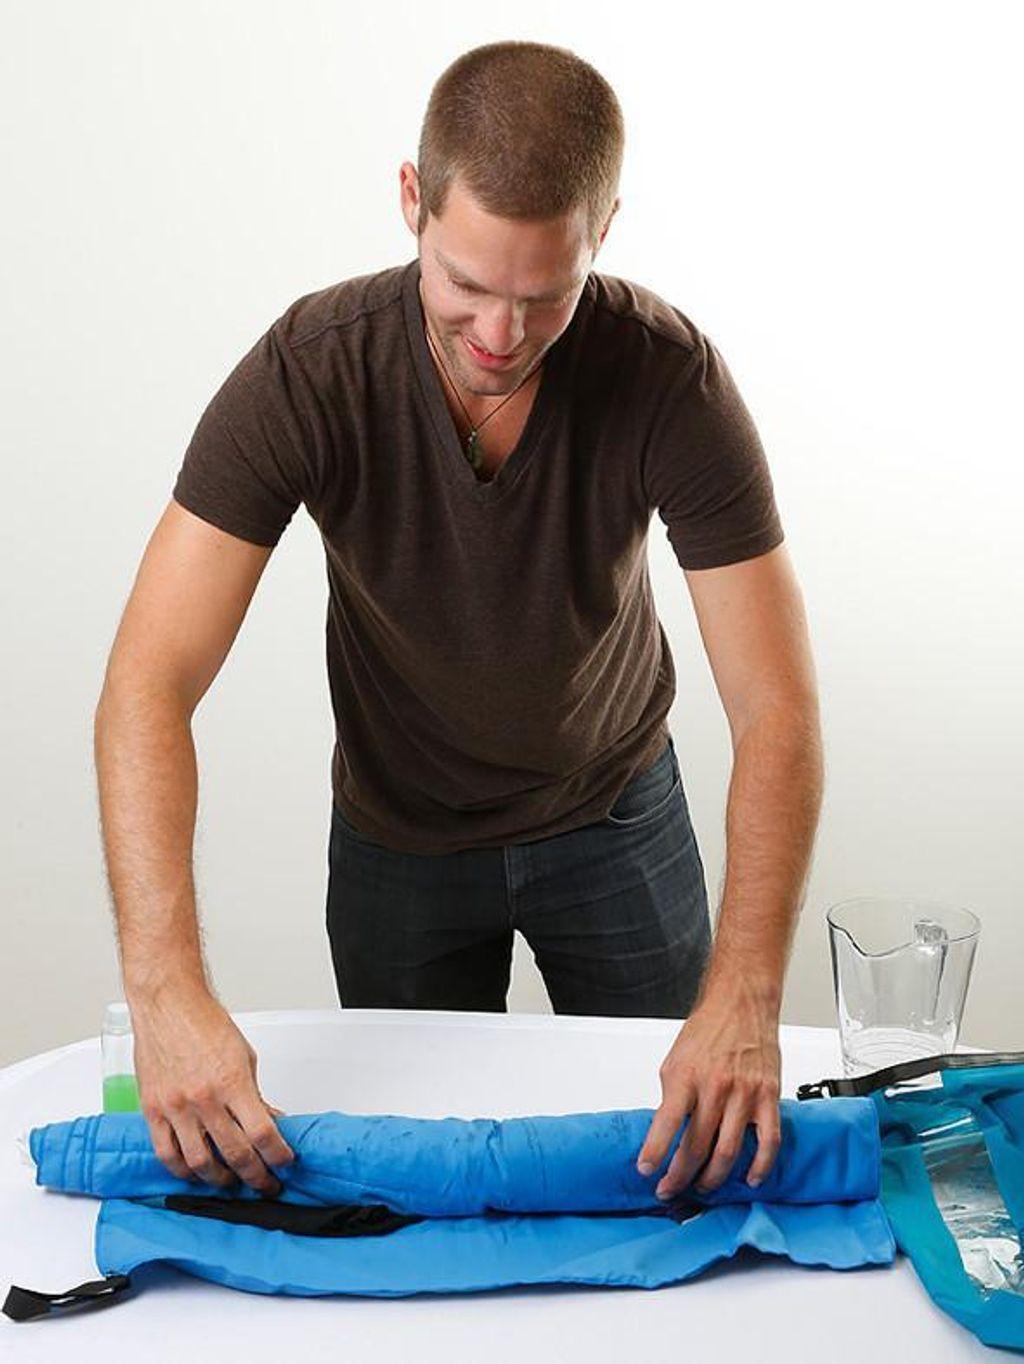 Blue-Towel-Ls1.jpg